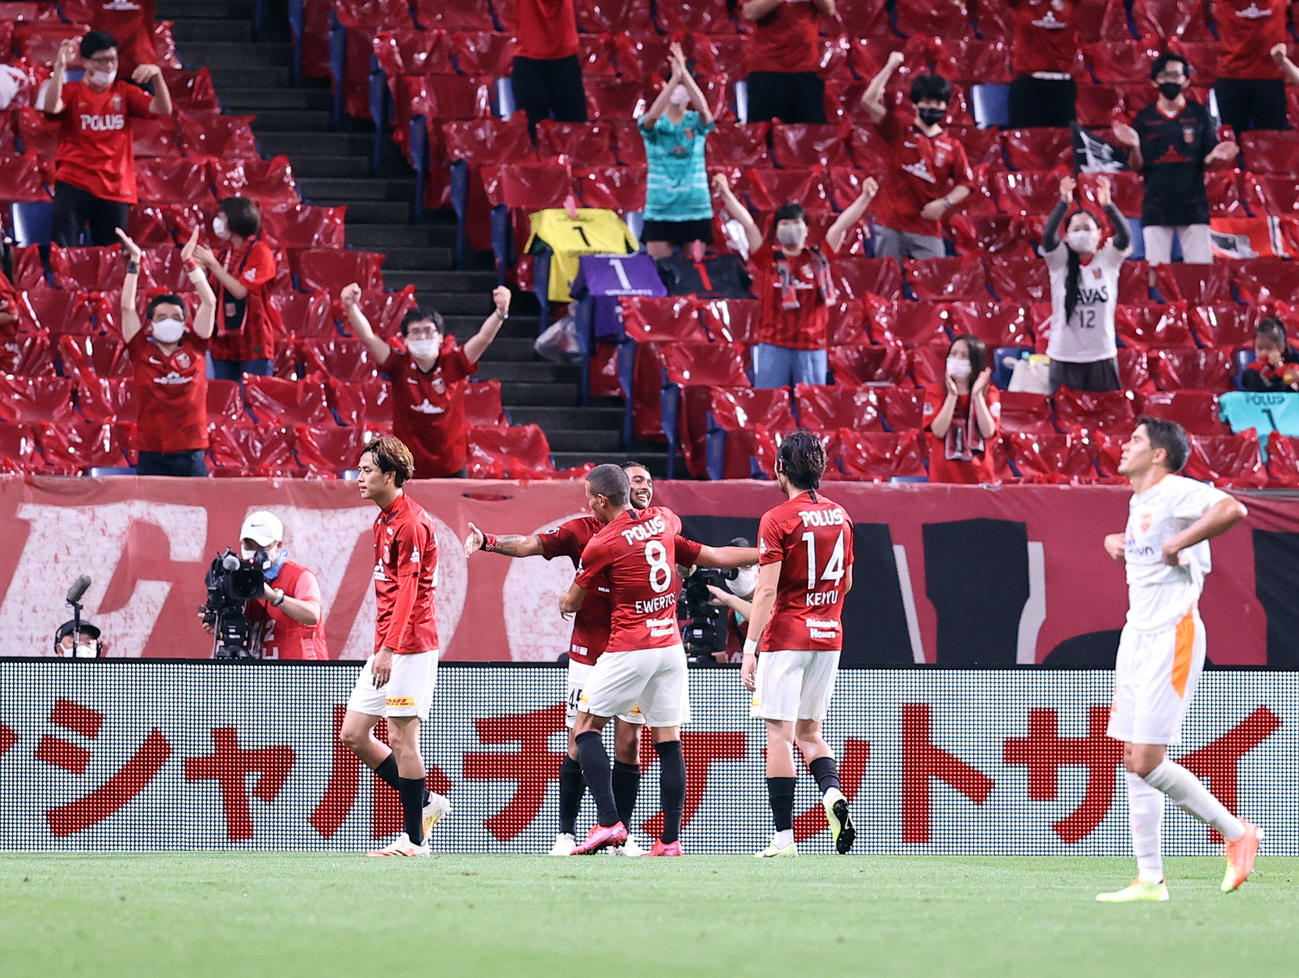 浦和対清水 後半、ゴールを決めた浦和FWレオナルド(中央奥)はイレブンと抱き合い喜ぶ(撮影・浅見桂子)